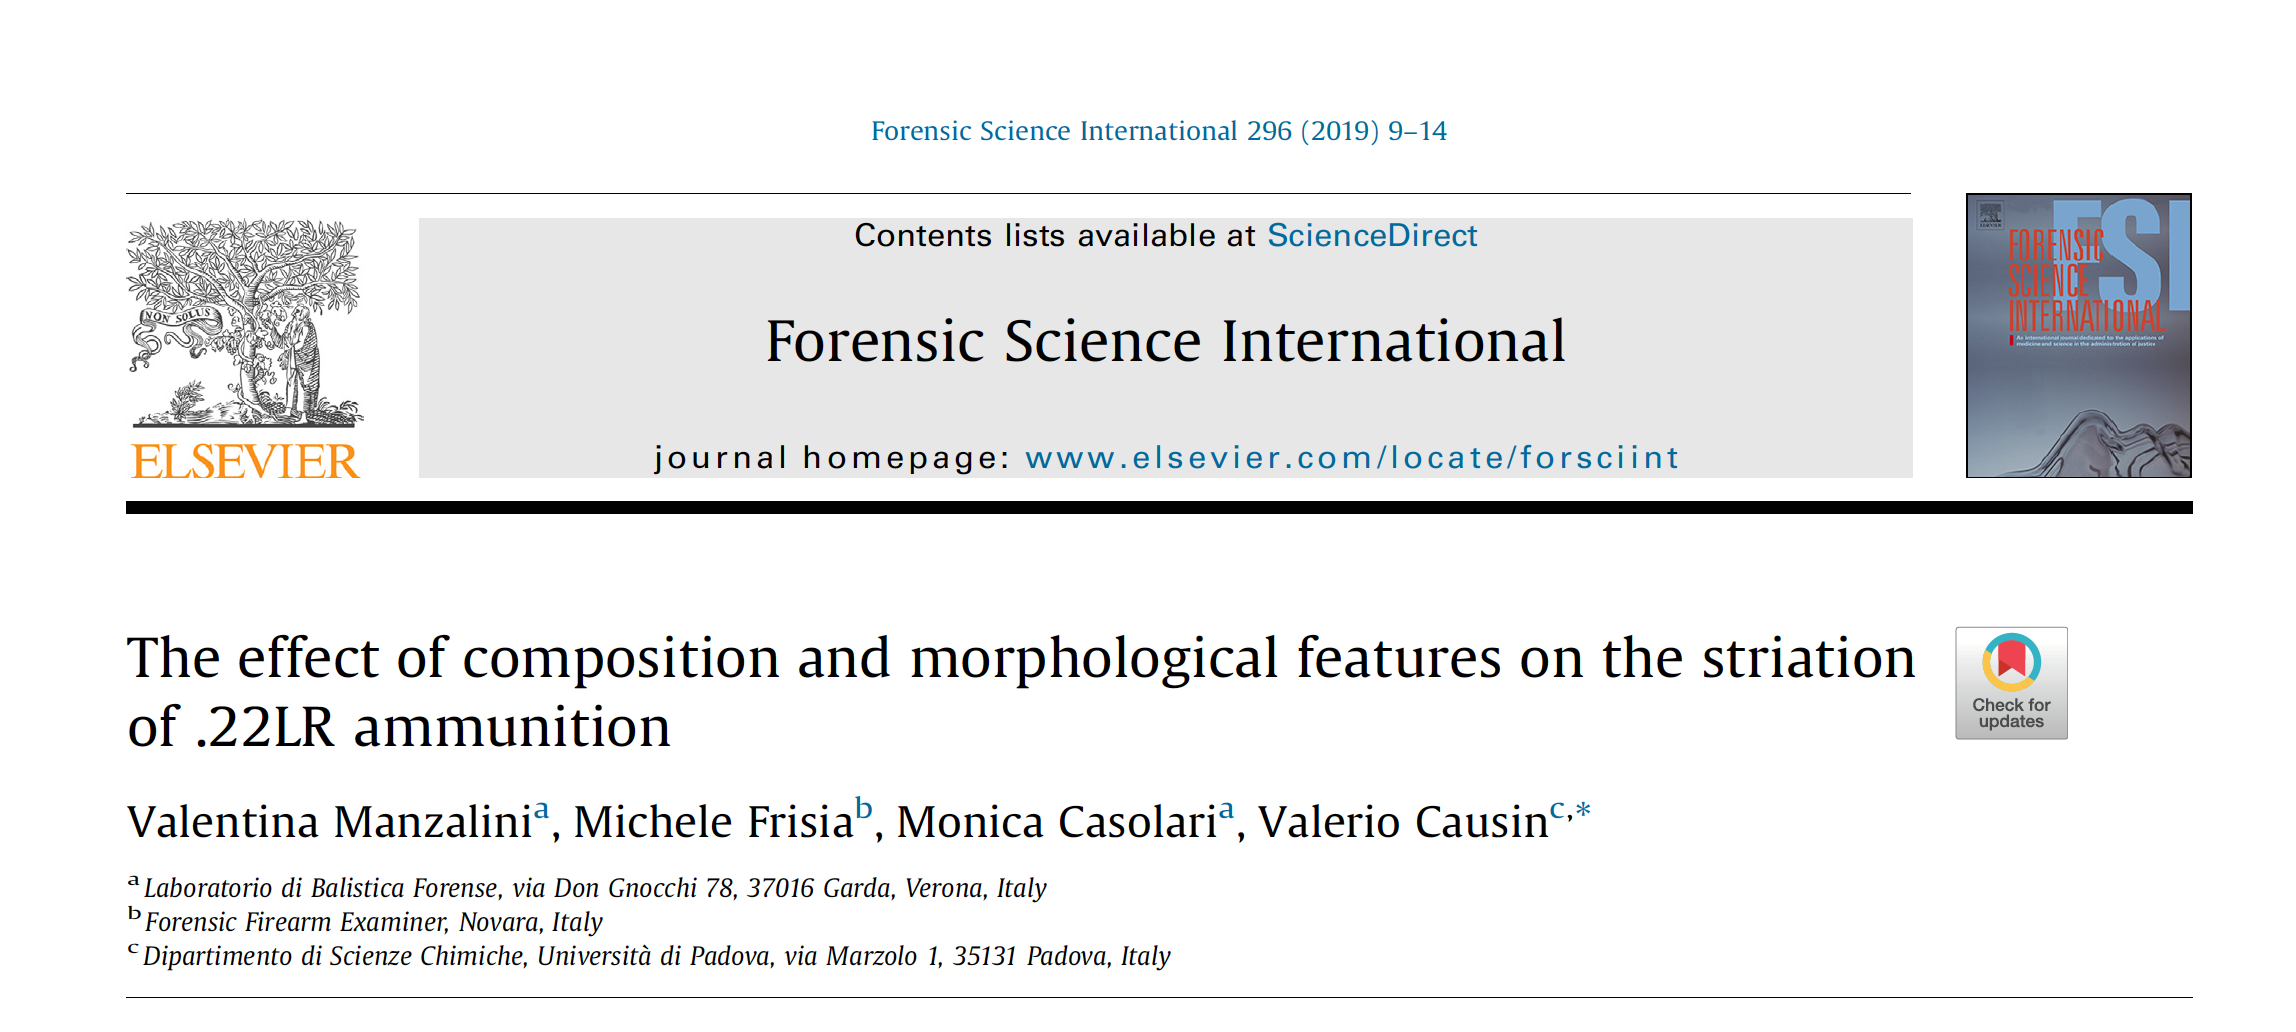 L'effetto della composizione chimica e della morfologia sull'improntamento delle munizioni calibro 22